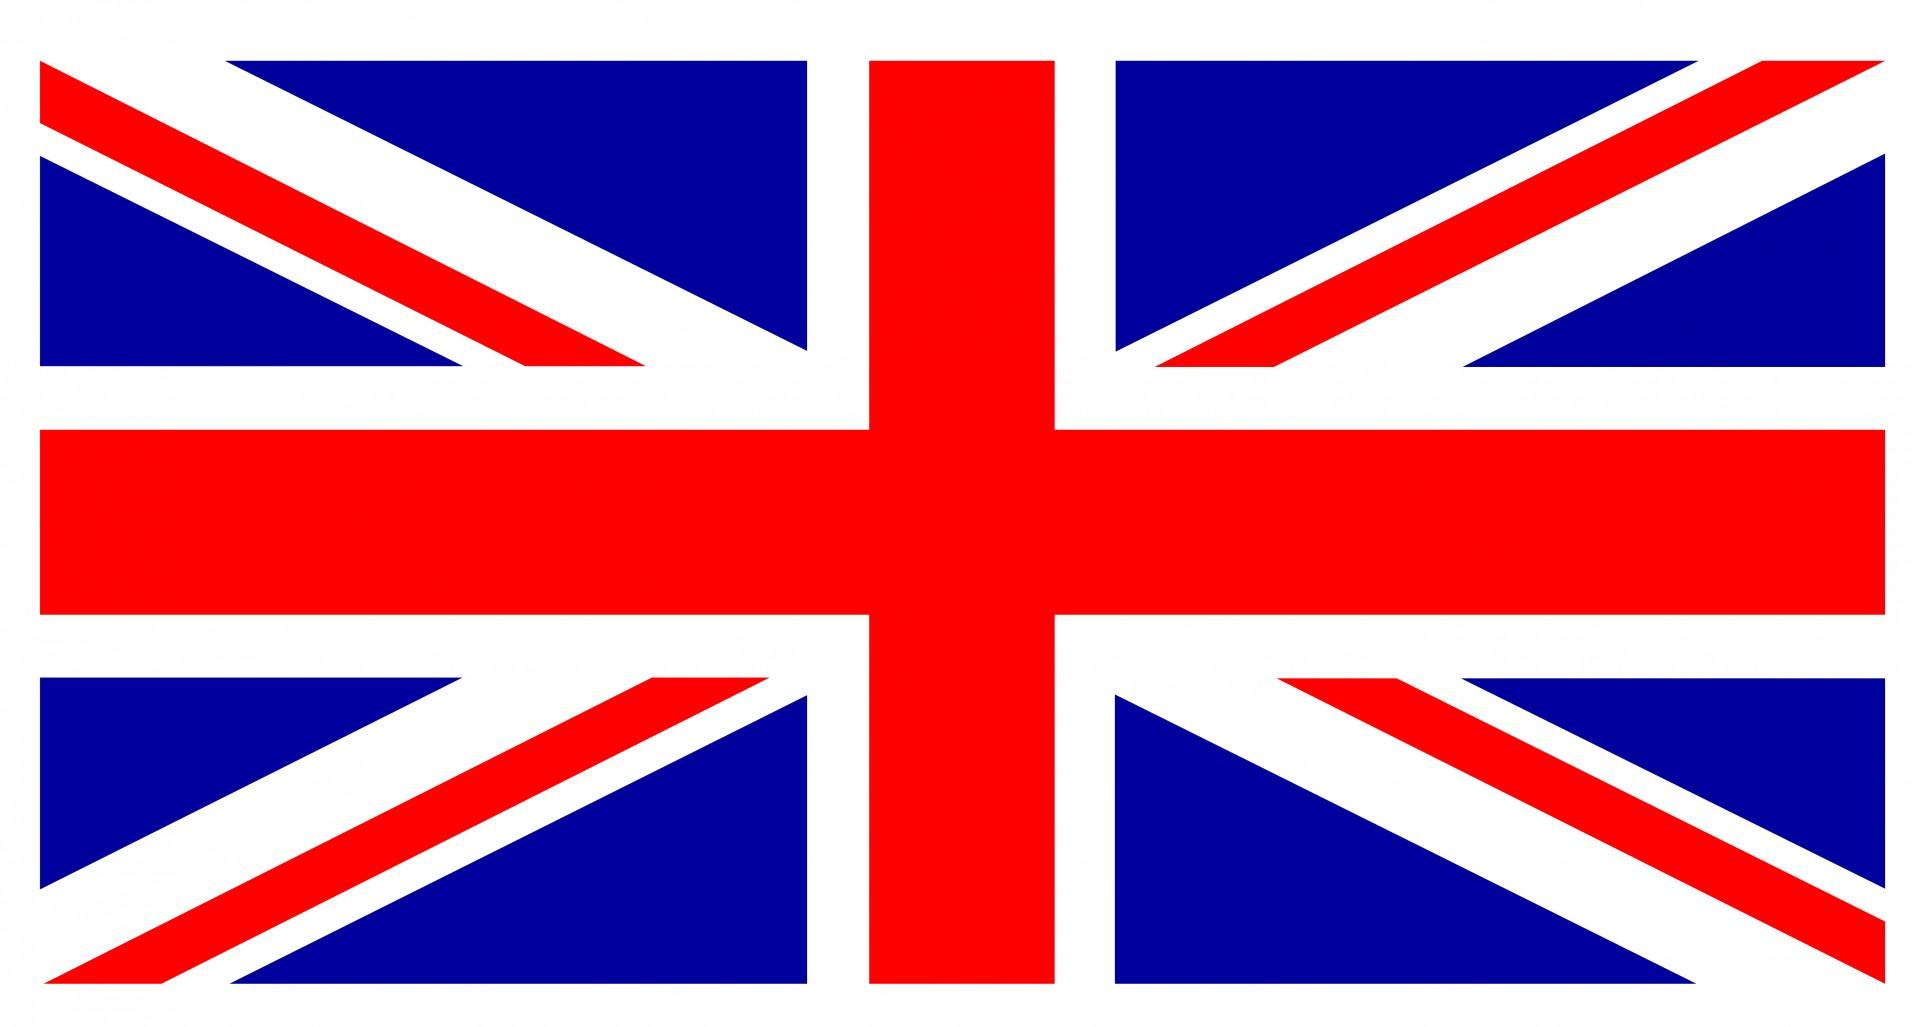 Union Jack Flag Border Free Stock Photo.